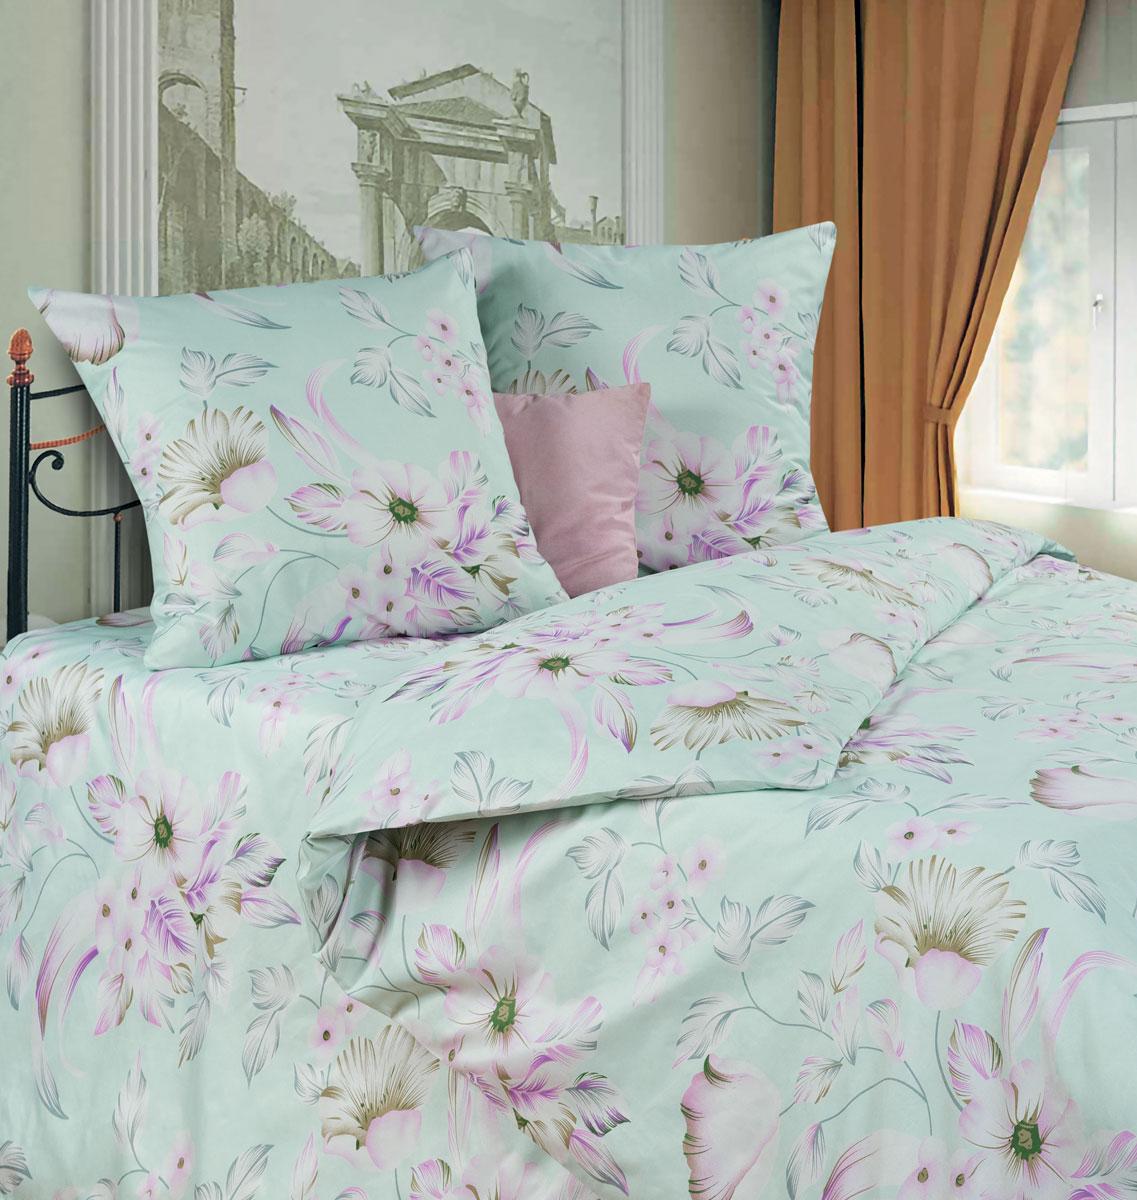 Комплект белья P&W Букет лилий, 2-спальный, наволочки 69x69, цвет: сиреневый, розовый, мятныйFD-59Комплект постельного белья P&W Букет лилий выполнен из микрофибры. Комплект состоит из пододеяльника, простыни и двух наволочек. Постельное белье оформлено изысканным рисунком.Ткань приятная на ощупь, мягкая и нежная, при этом она прочная и хорошо сохраняет форму, легко гладится. Ткань микрофибра - новая технология в производстве постельного белья. Тонкие волокна, используемые в ткани, производят путем переработки полиамида и полиэстера. Такая нить не впитывает влагу, как хлопок, а пропускает ее через себя, и влага быстро испаряется. Изделие не деформируется и хорошо держит форму. Благодаря такому комплекту постельного белья, вы сможете создать атмосферу роскоши и романтики в вашей спальне.